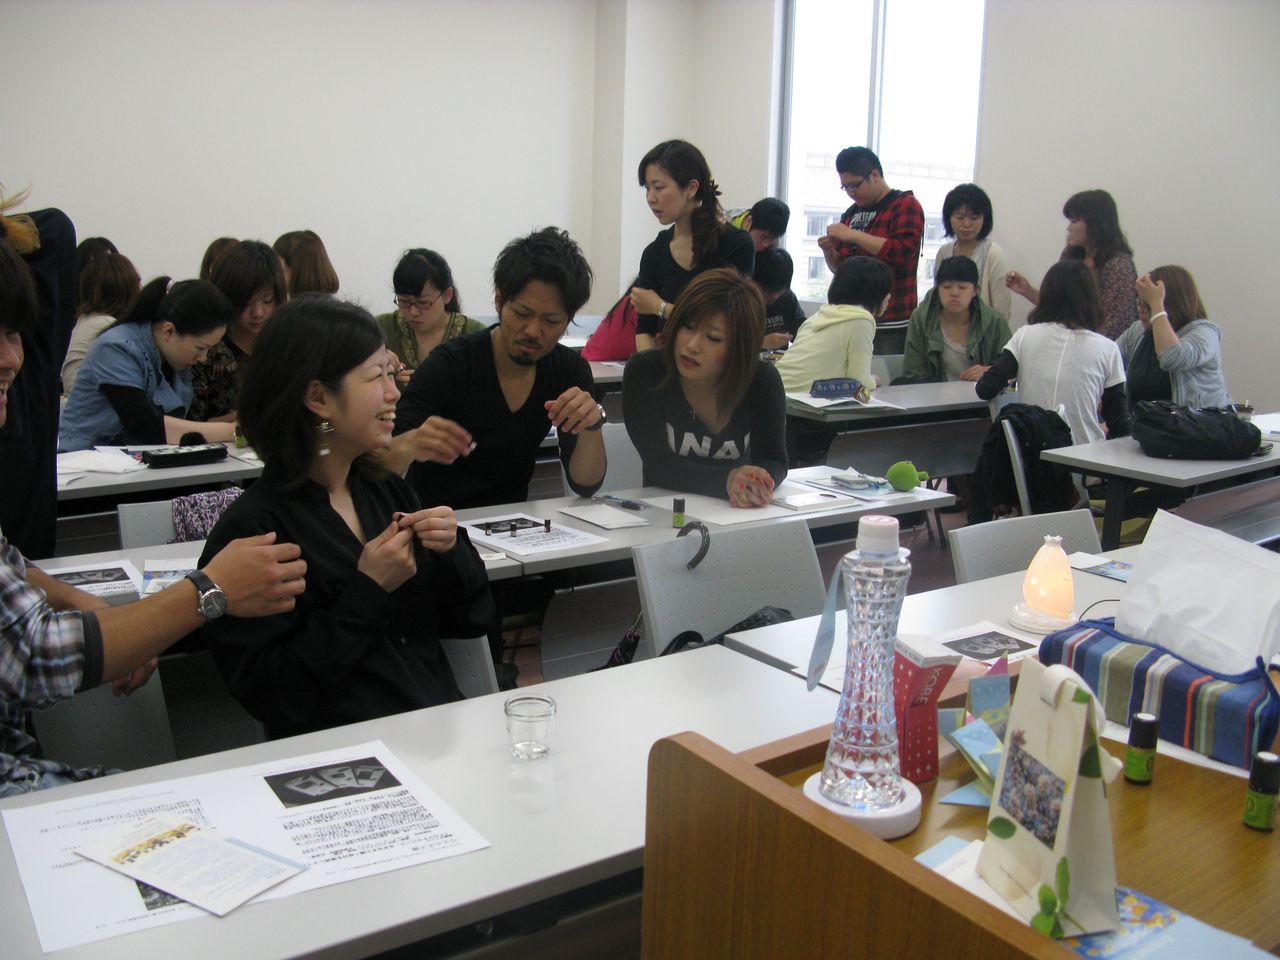 神戸夙川学院大学アロマテラピー講義・良い香りやなぁ